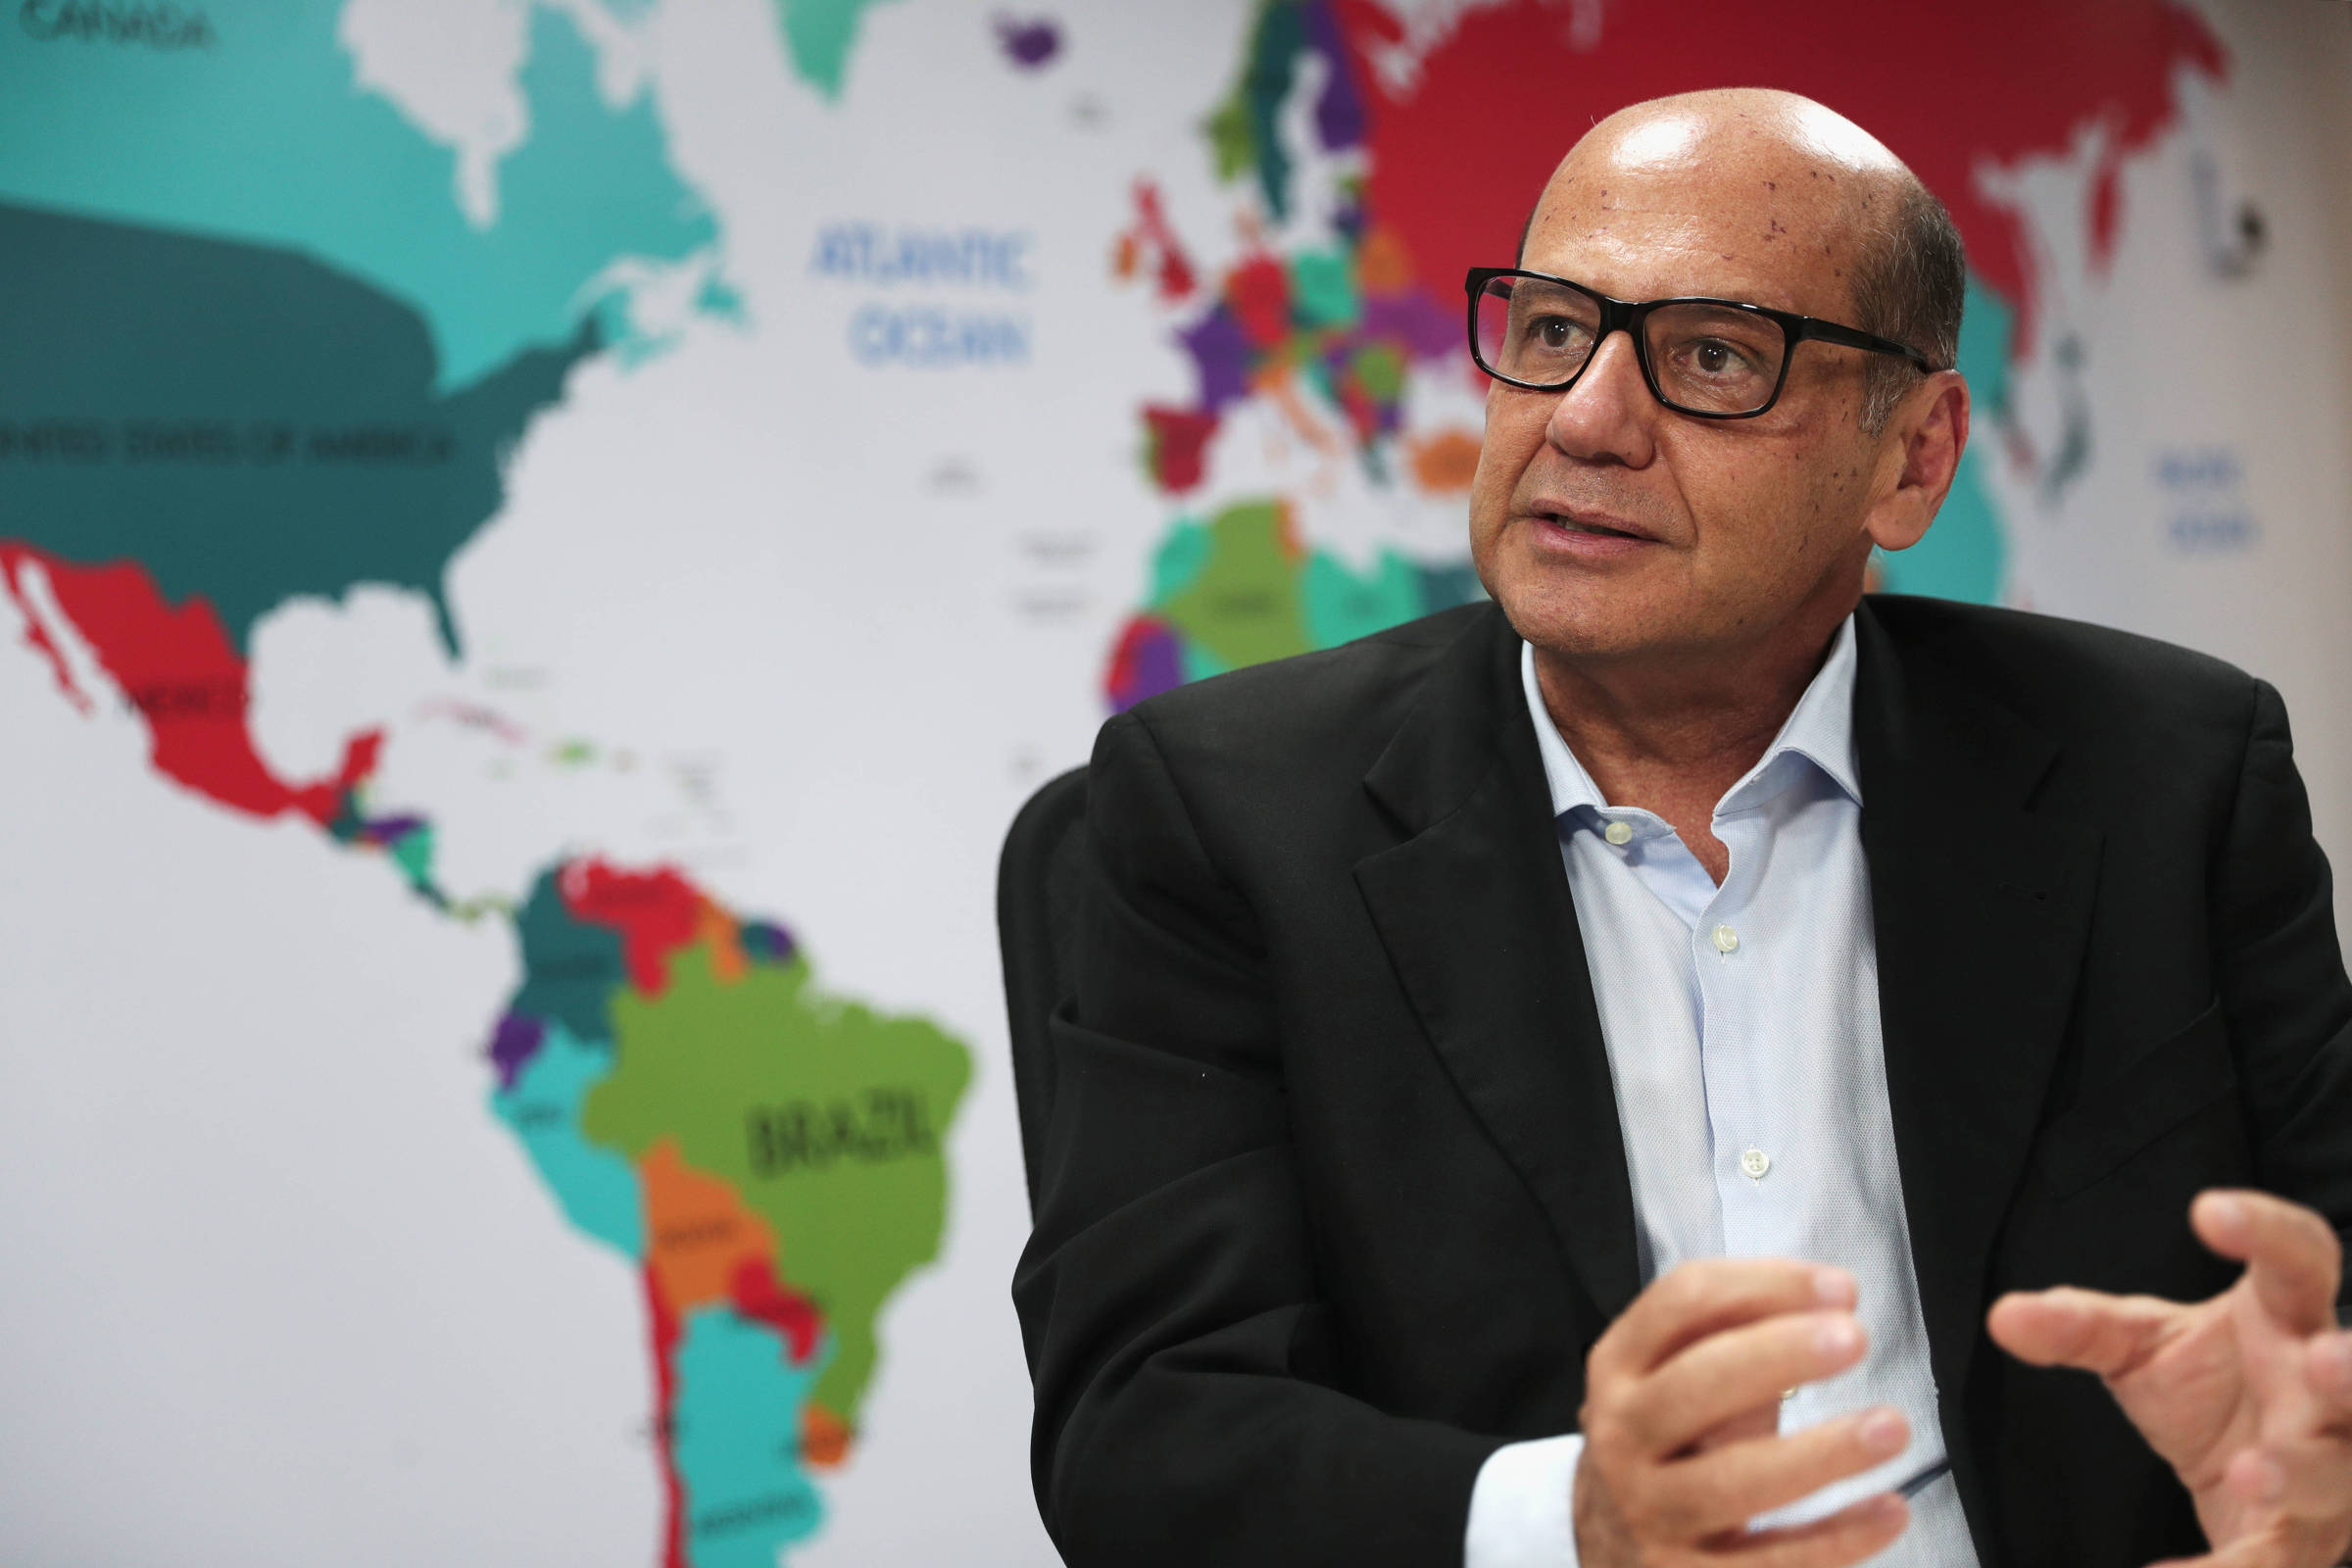 """""""Podemos vacinar contra a vacina Covid-19 em janeiro"""", afirma o diretor do Butantan - 11.11.2020.  - Equilíbrio e saúde"""